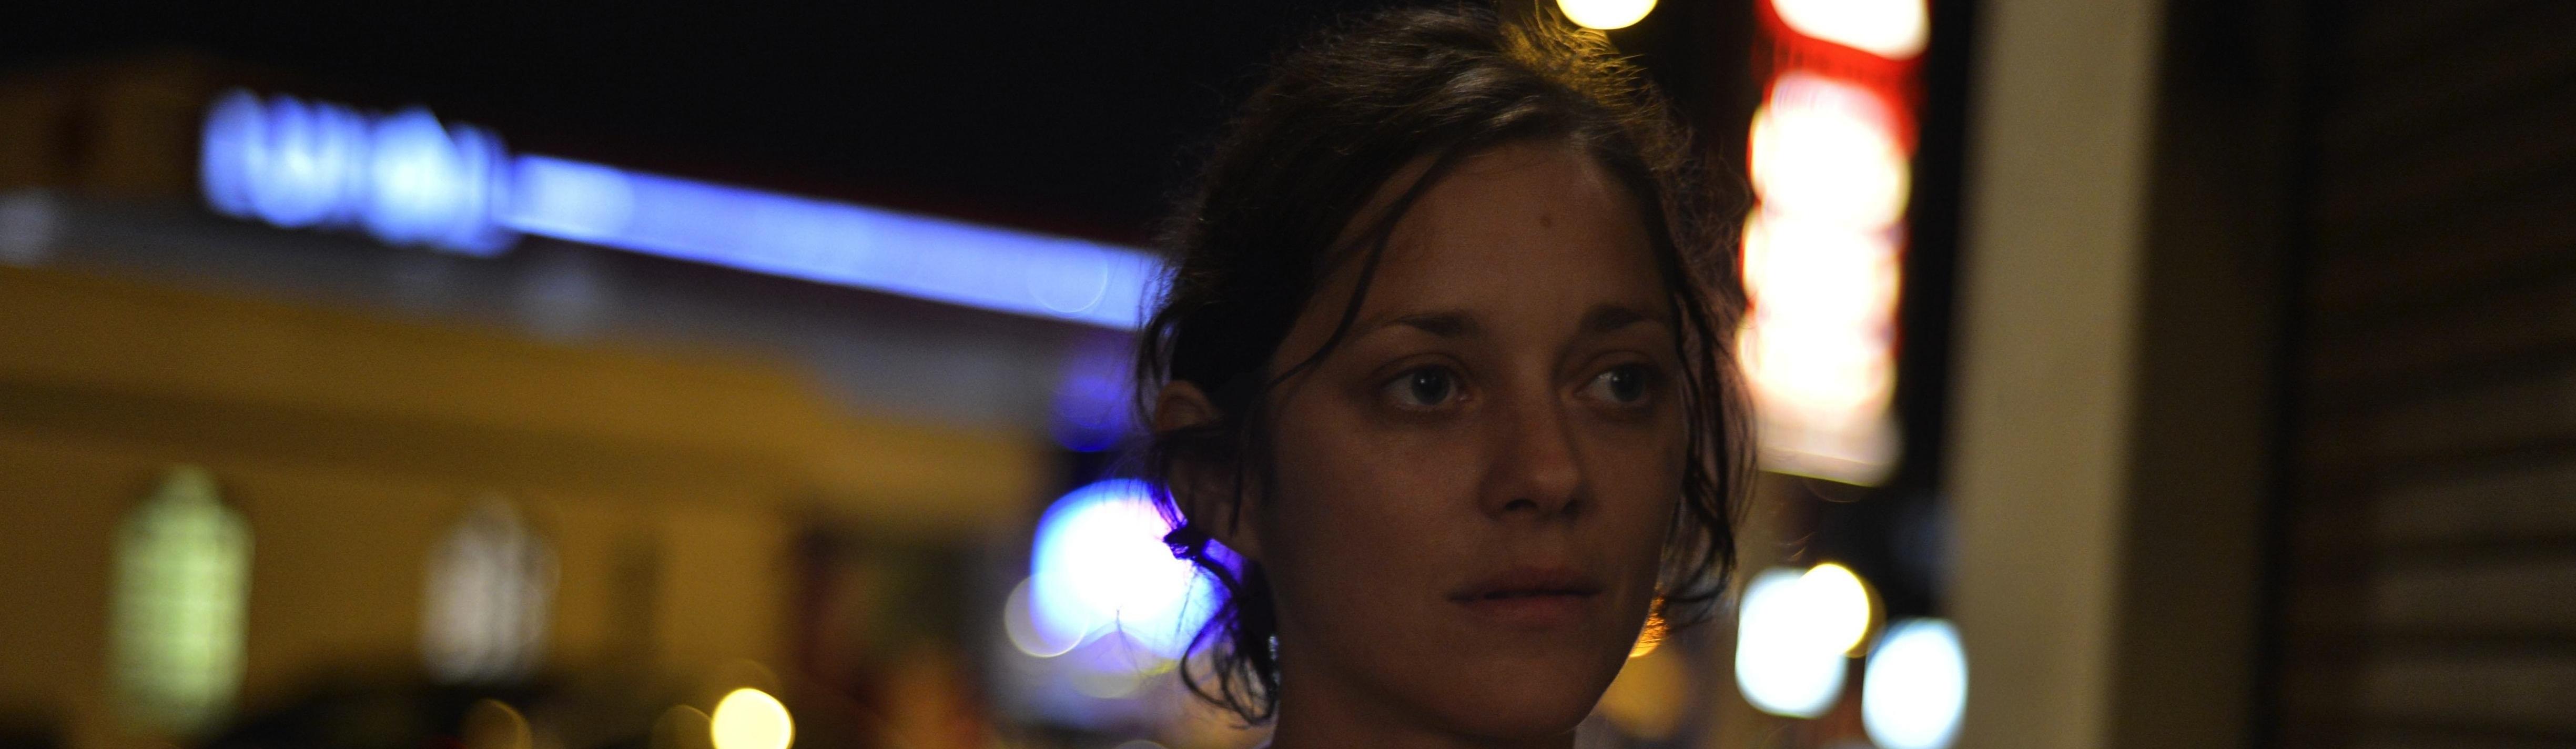 Deux jours, une nuit des frères Dardenne : un film dur mais jamais froid